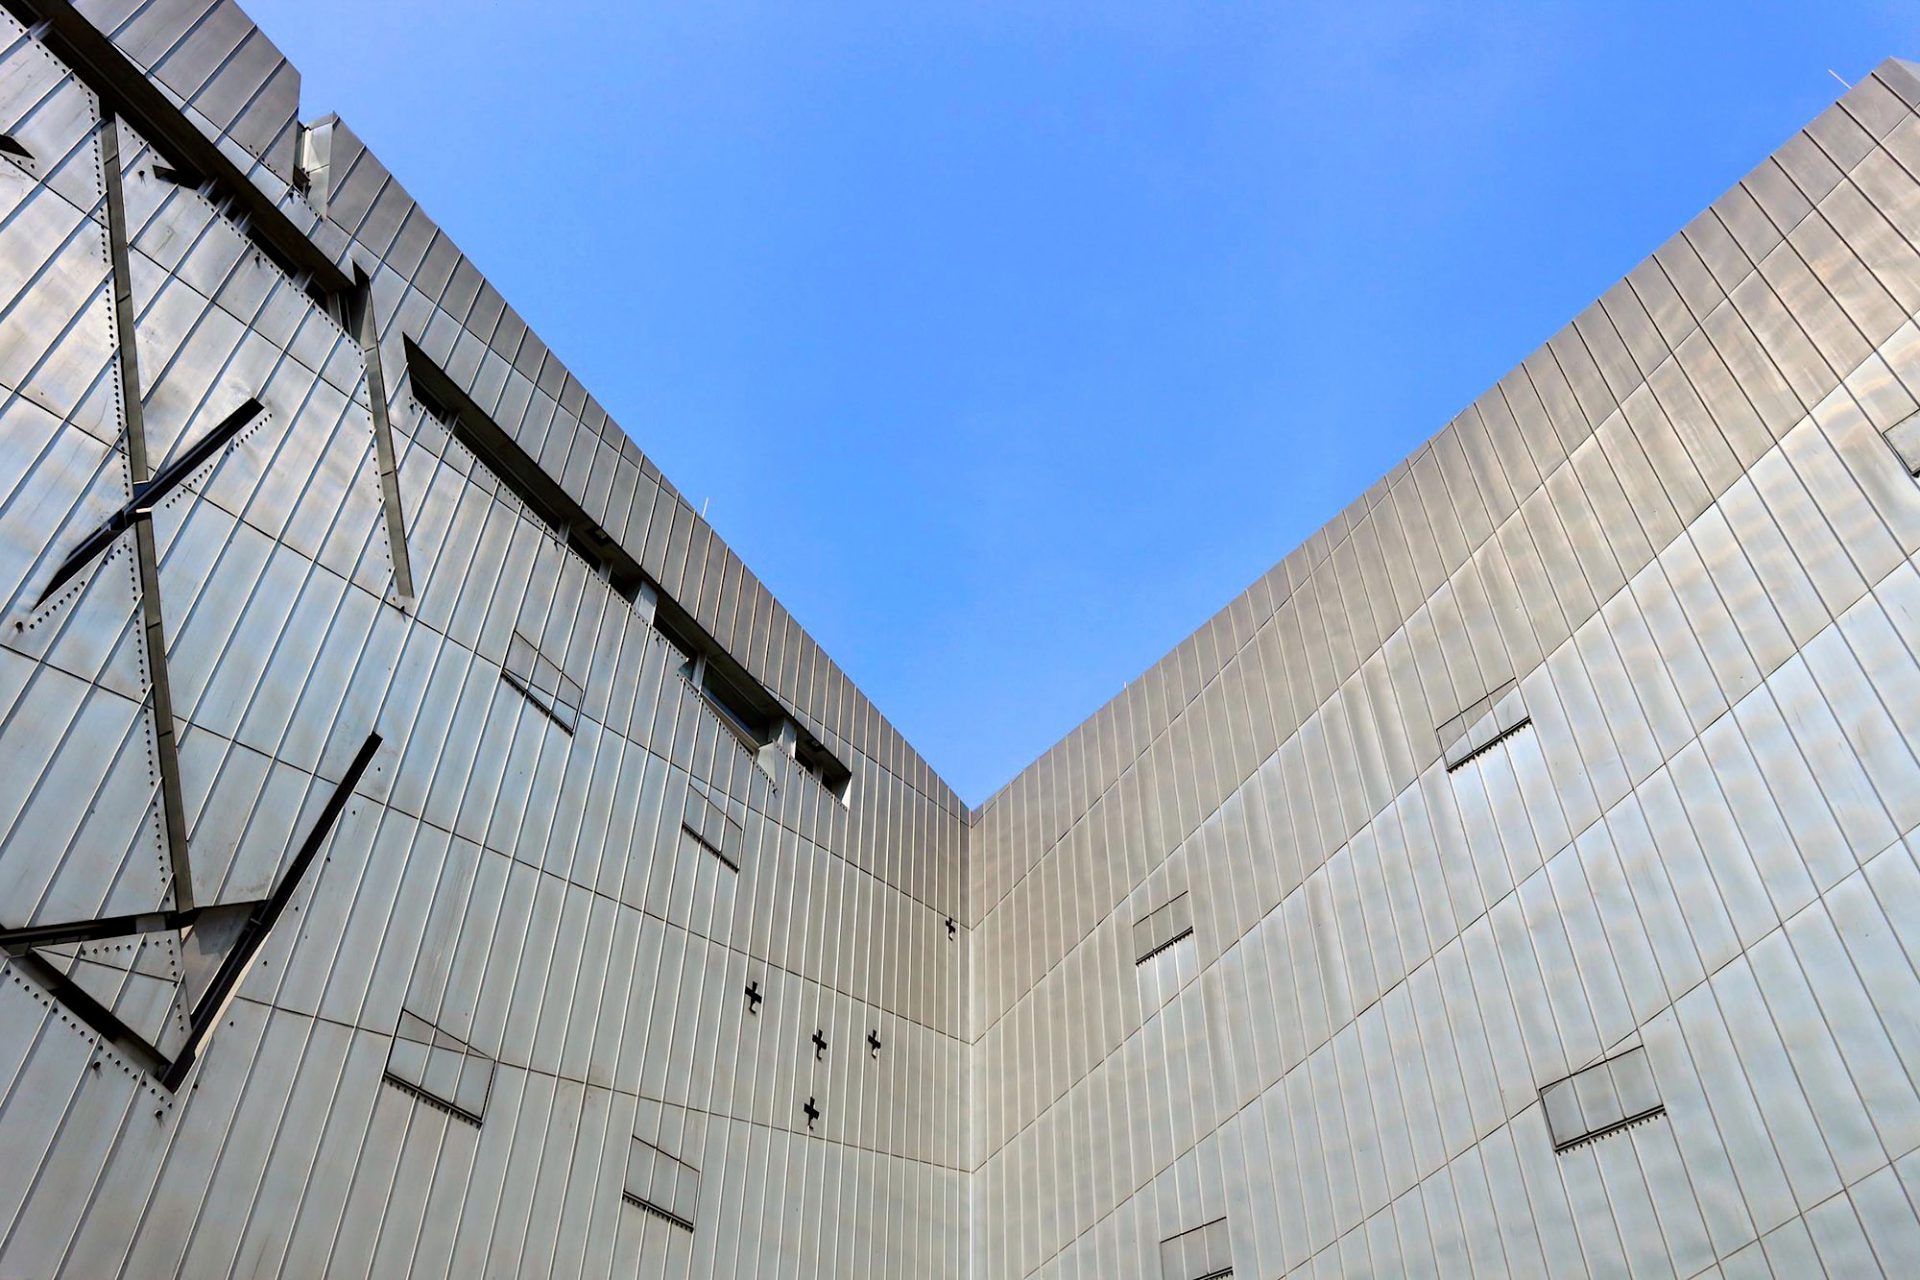 Zinkverkleidet. Die Fassade des Jüdischen Museums Berlin